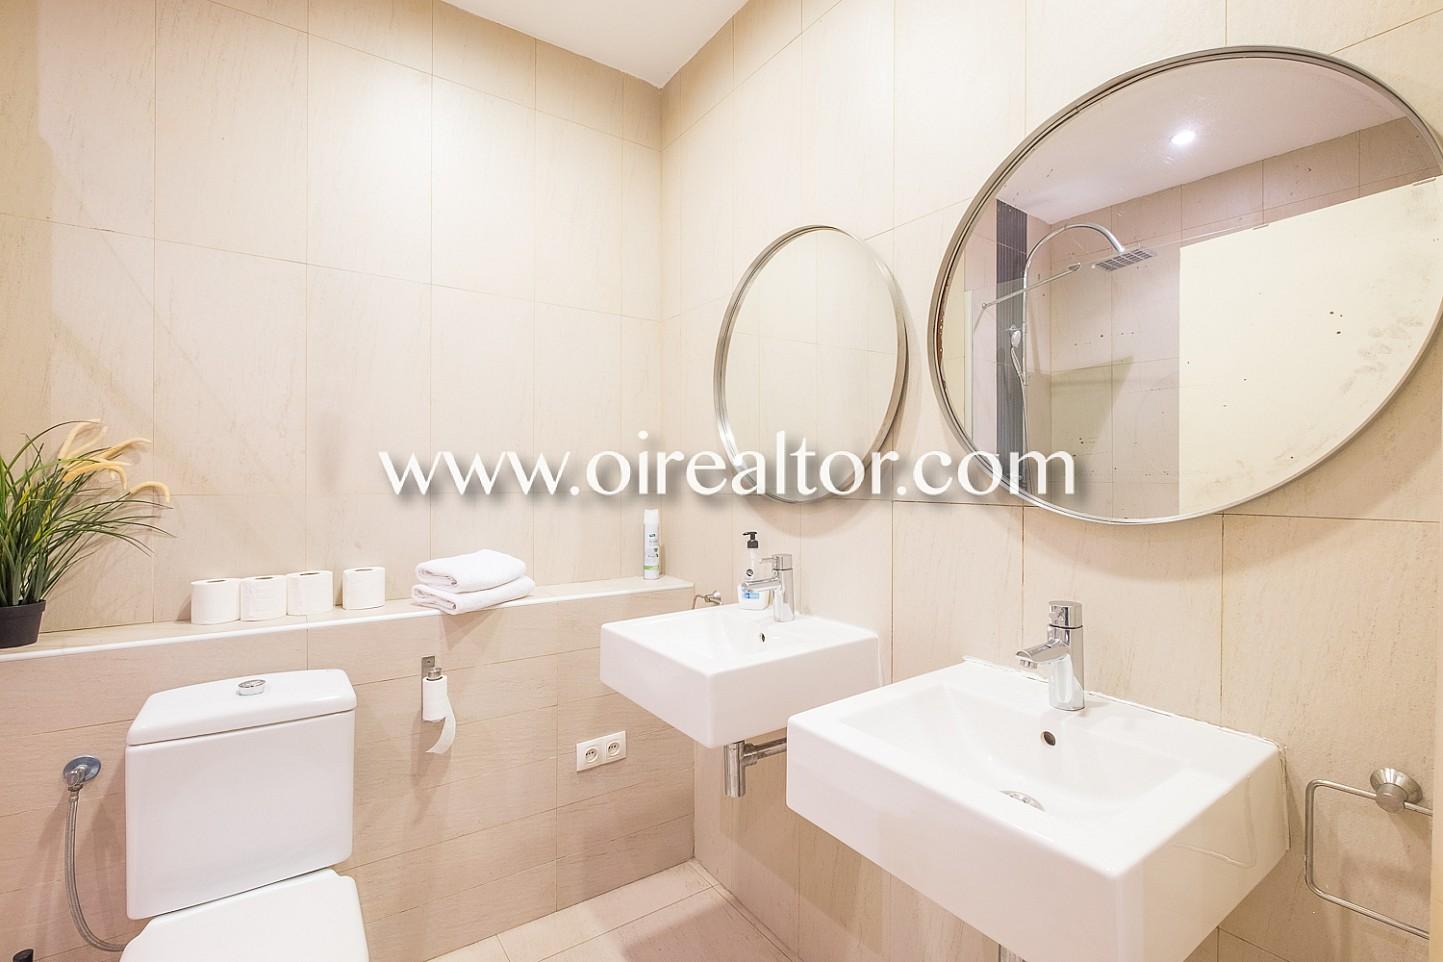 baño, lavabo, baño con ducha, ducha, baño equipado, baño completo